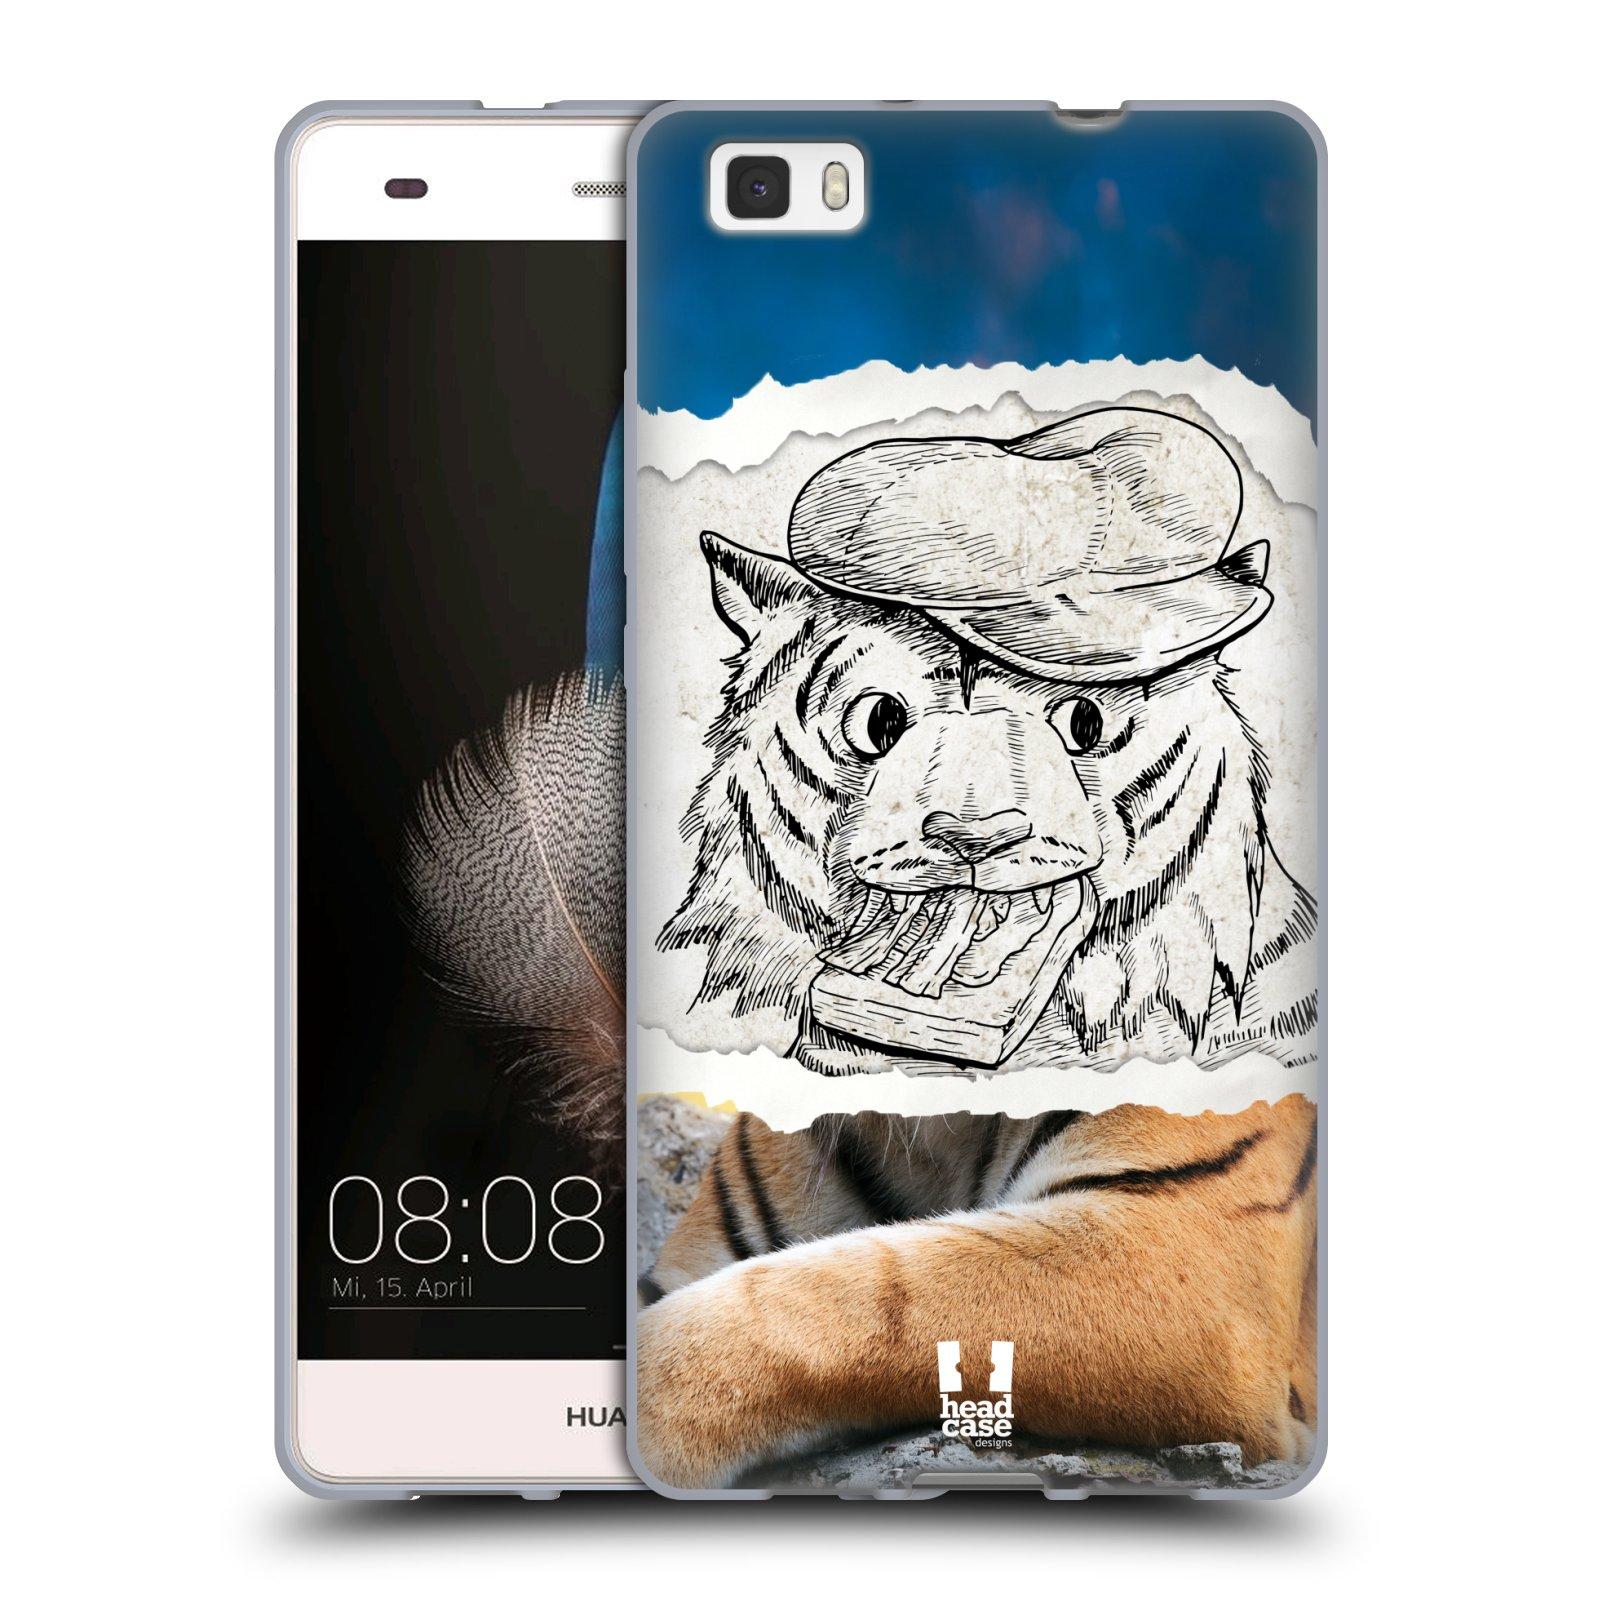 HEAD CASE silikonový obal na mobil HUAWEI P8 LITE vzor zvířata koláž tygr fešák